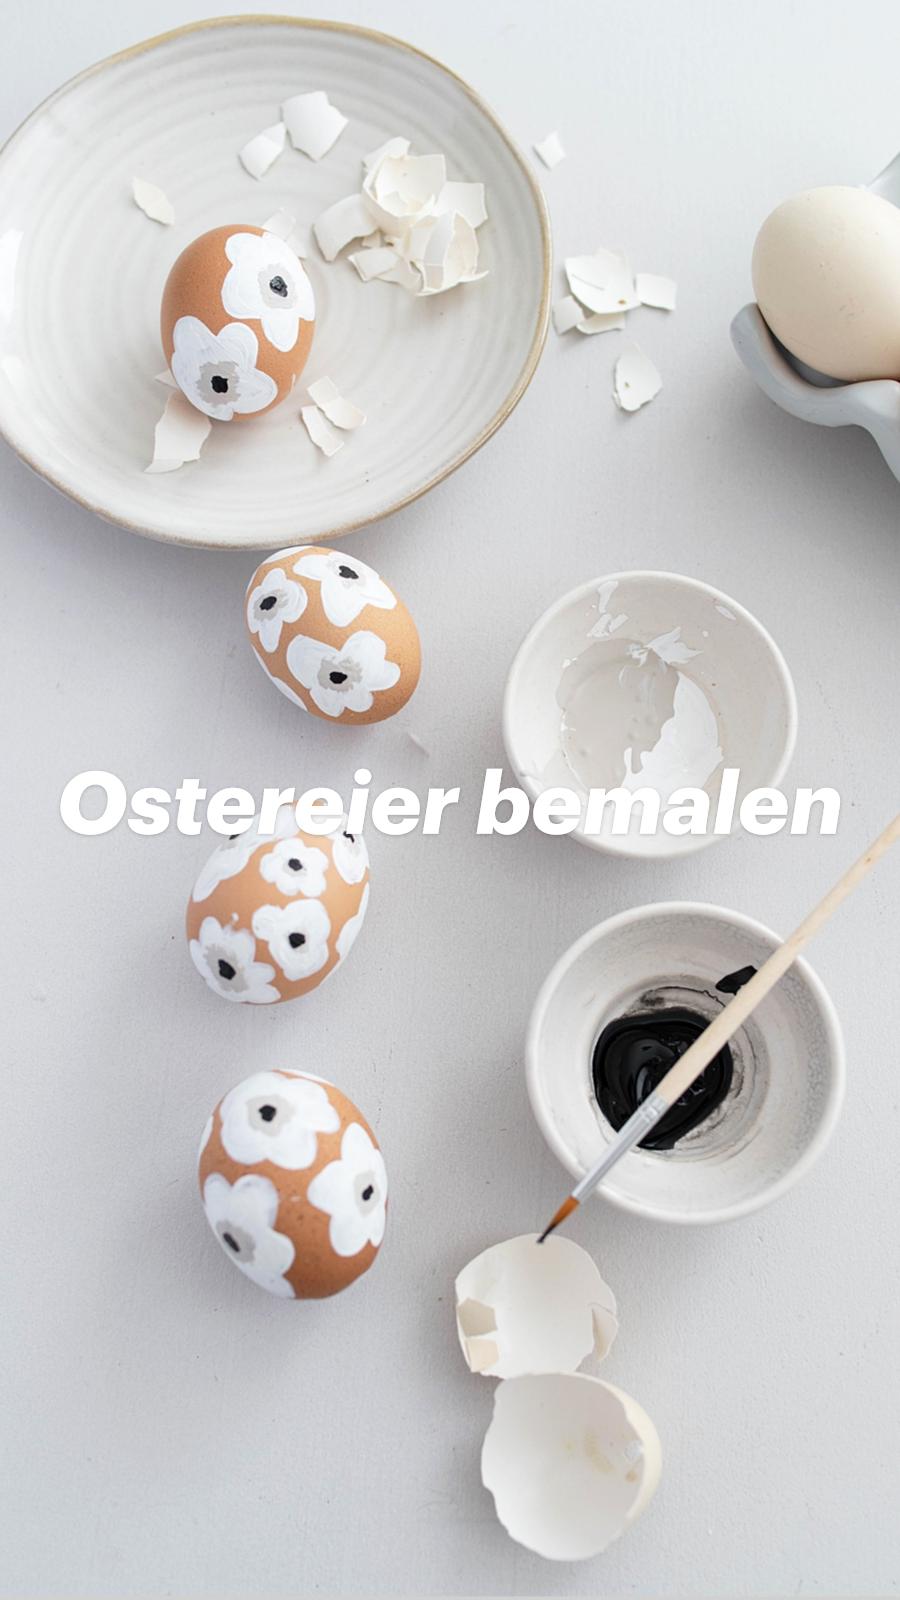 DIY Ostereier-Marimekko inspired